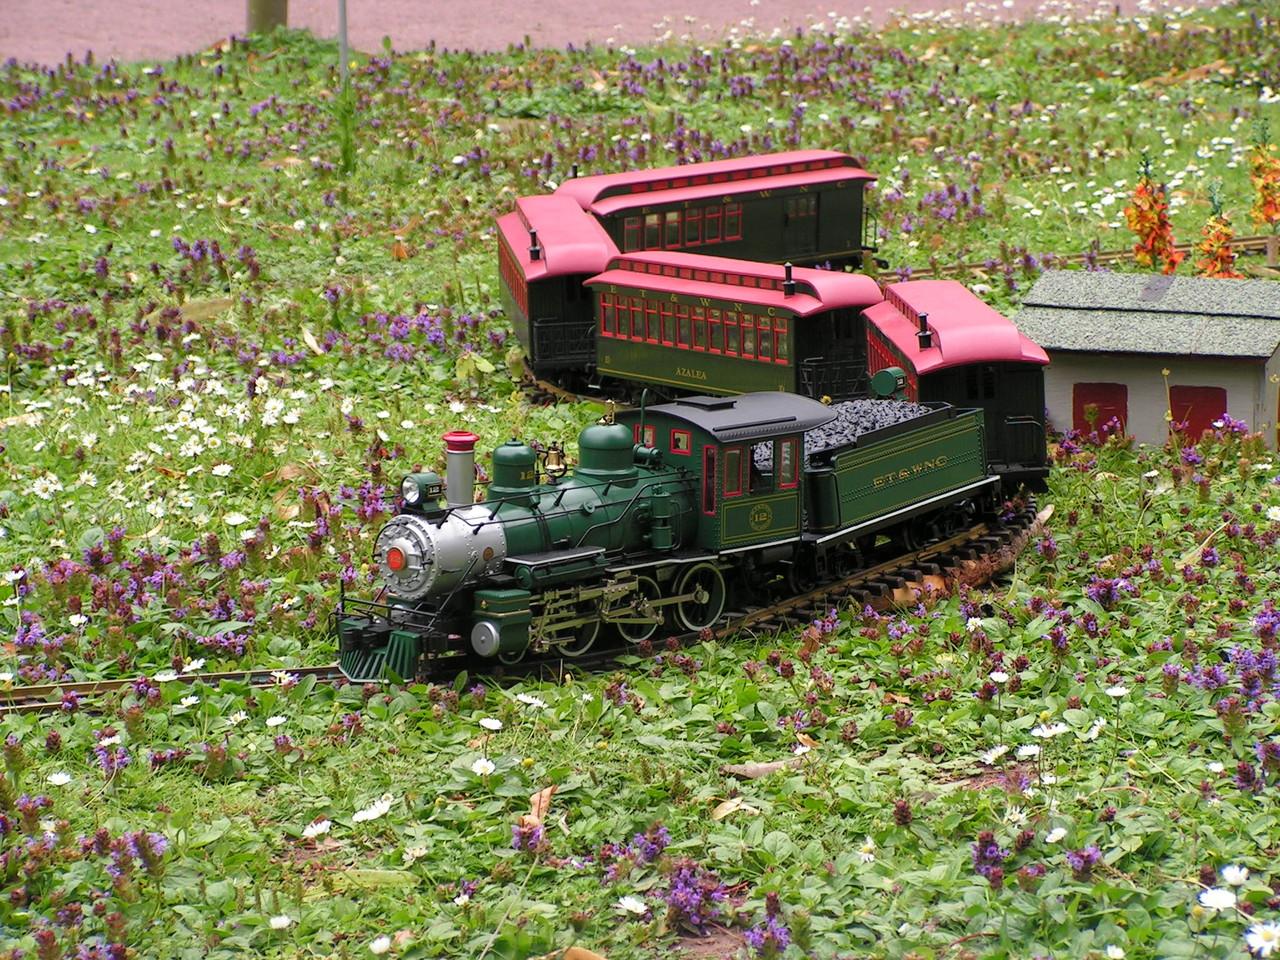 Anmutig schlängelt sich der Personenzug durch die Landschaft